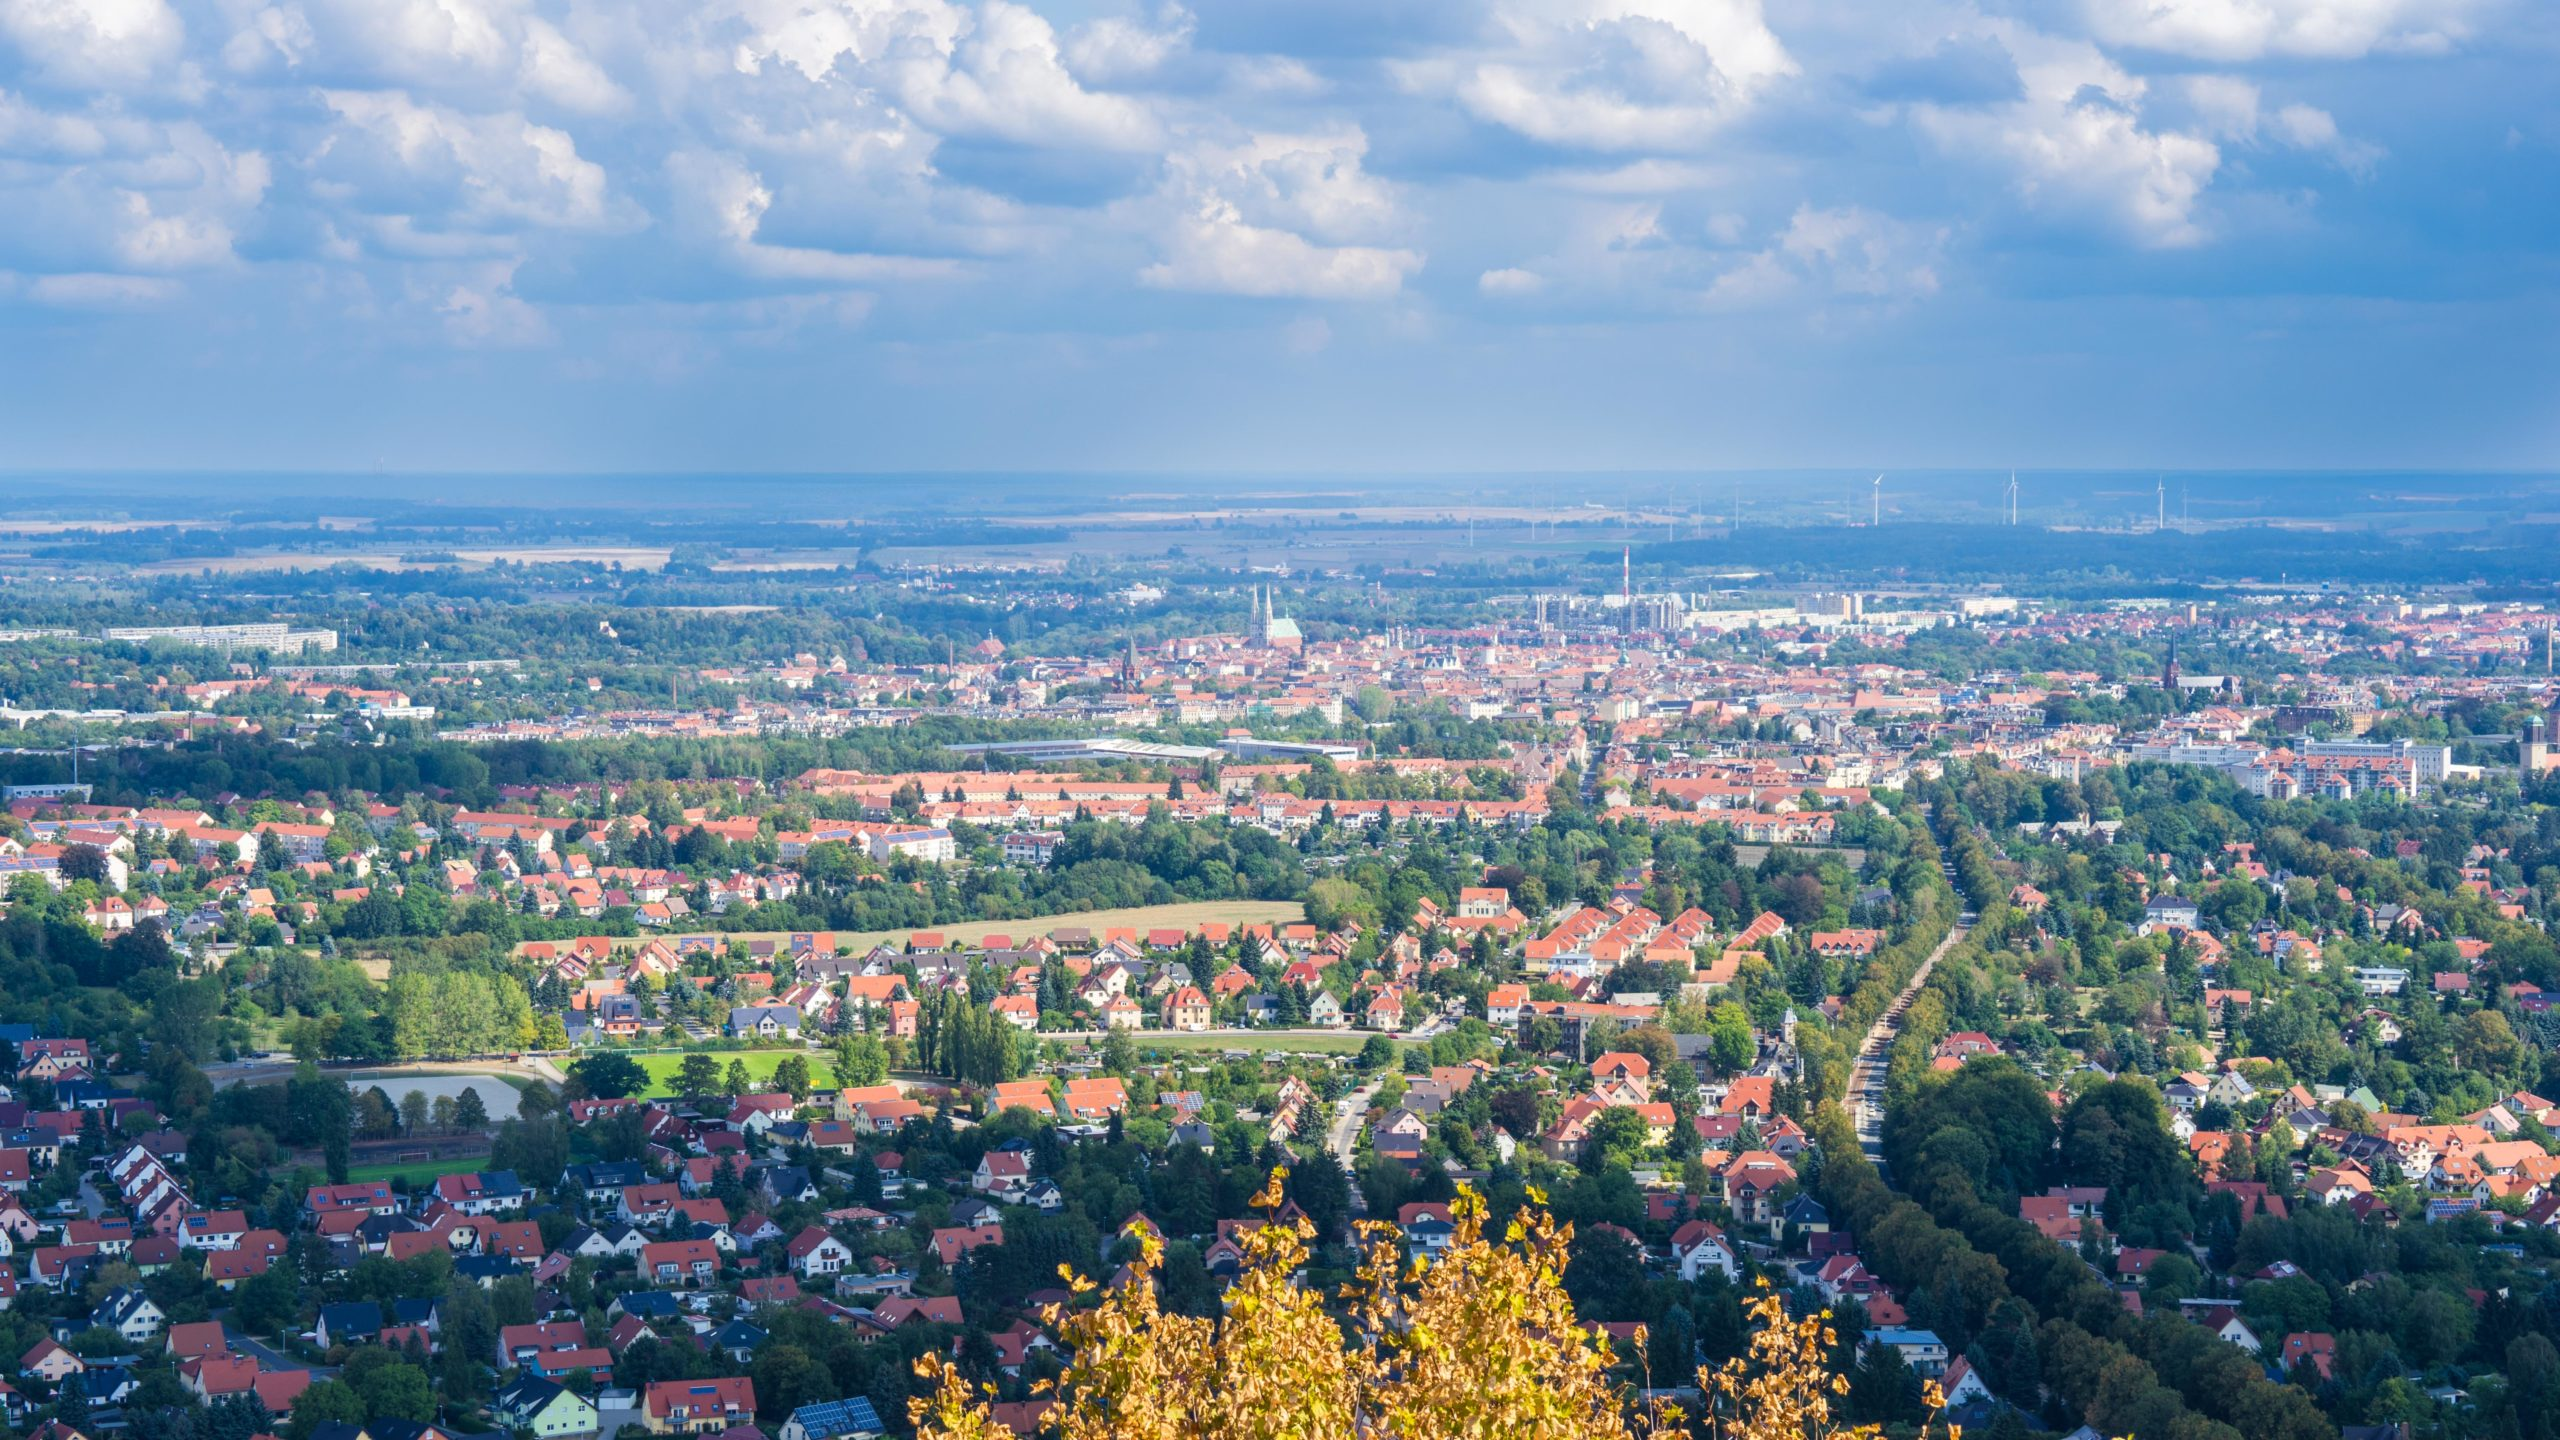 Görlitz, Blick von der Landeskrone